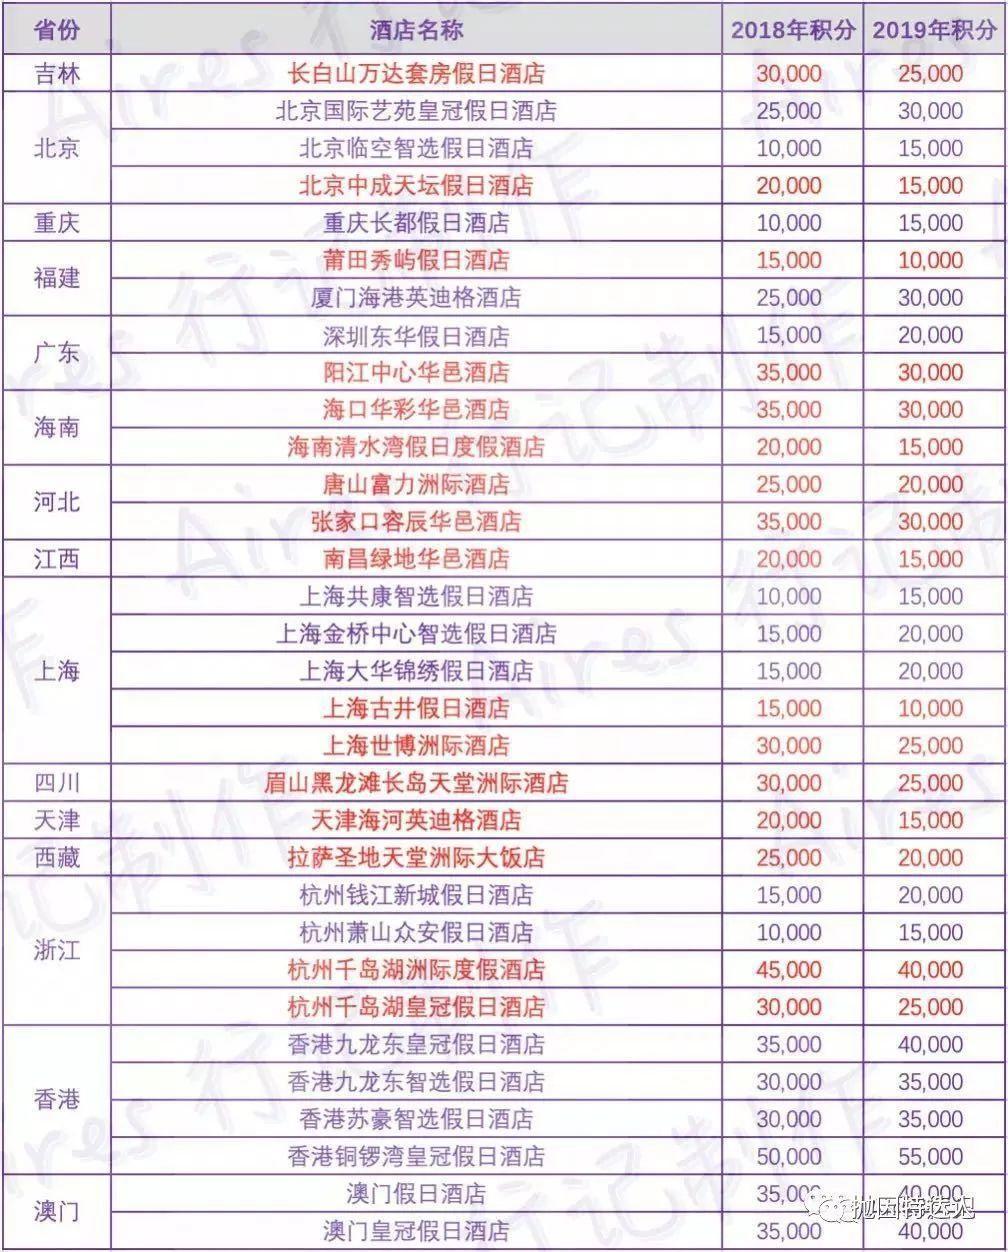 """《日常贬值的""""爱吃鸡"""" - IHG旗下酒店2019年等级大调整》"""